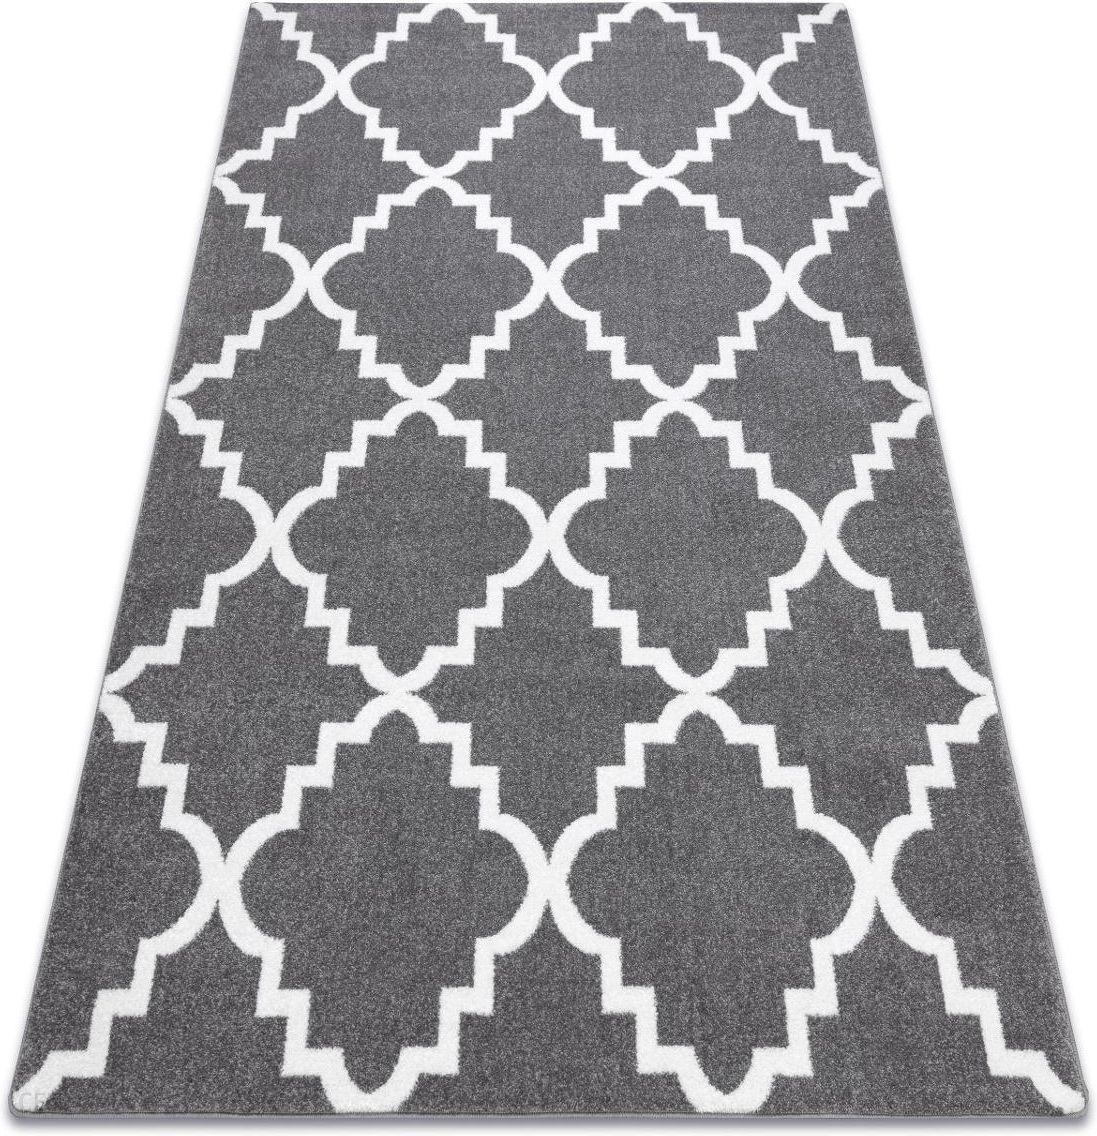 Dywany łuszczów Dywan Sketch 120x170 F343 Gr2197 Opinie I Atrakcyjne Ceny Na Ceneopl